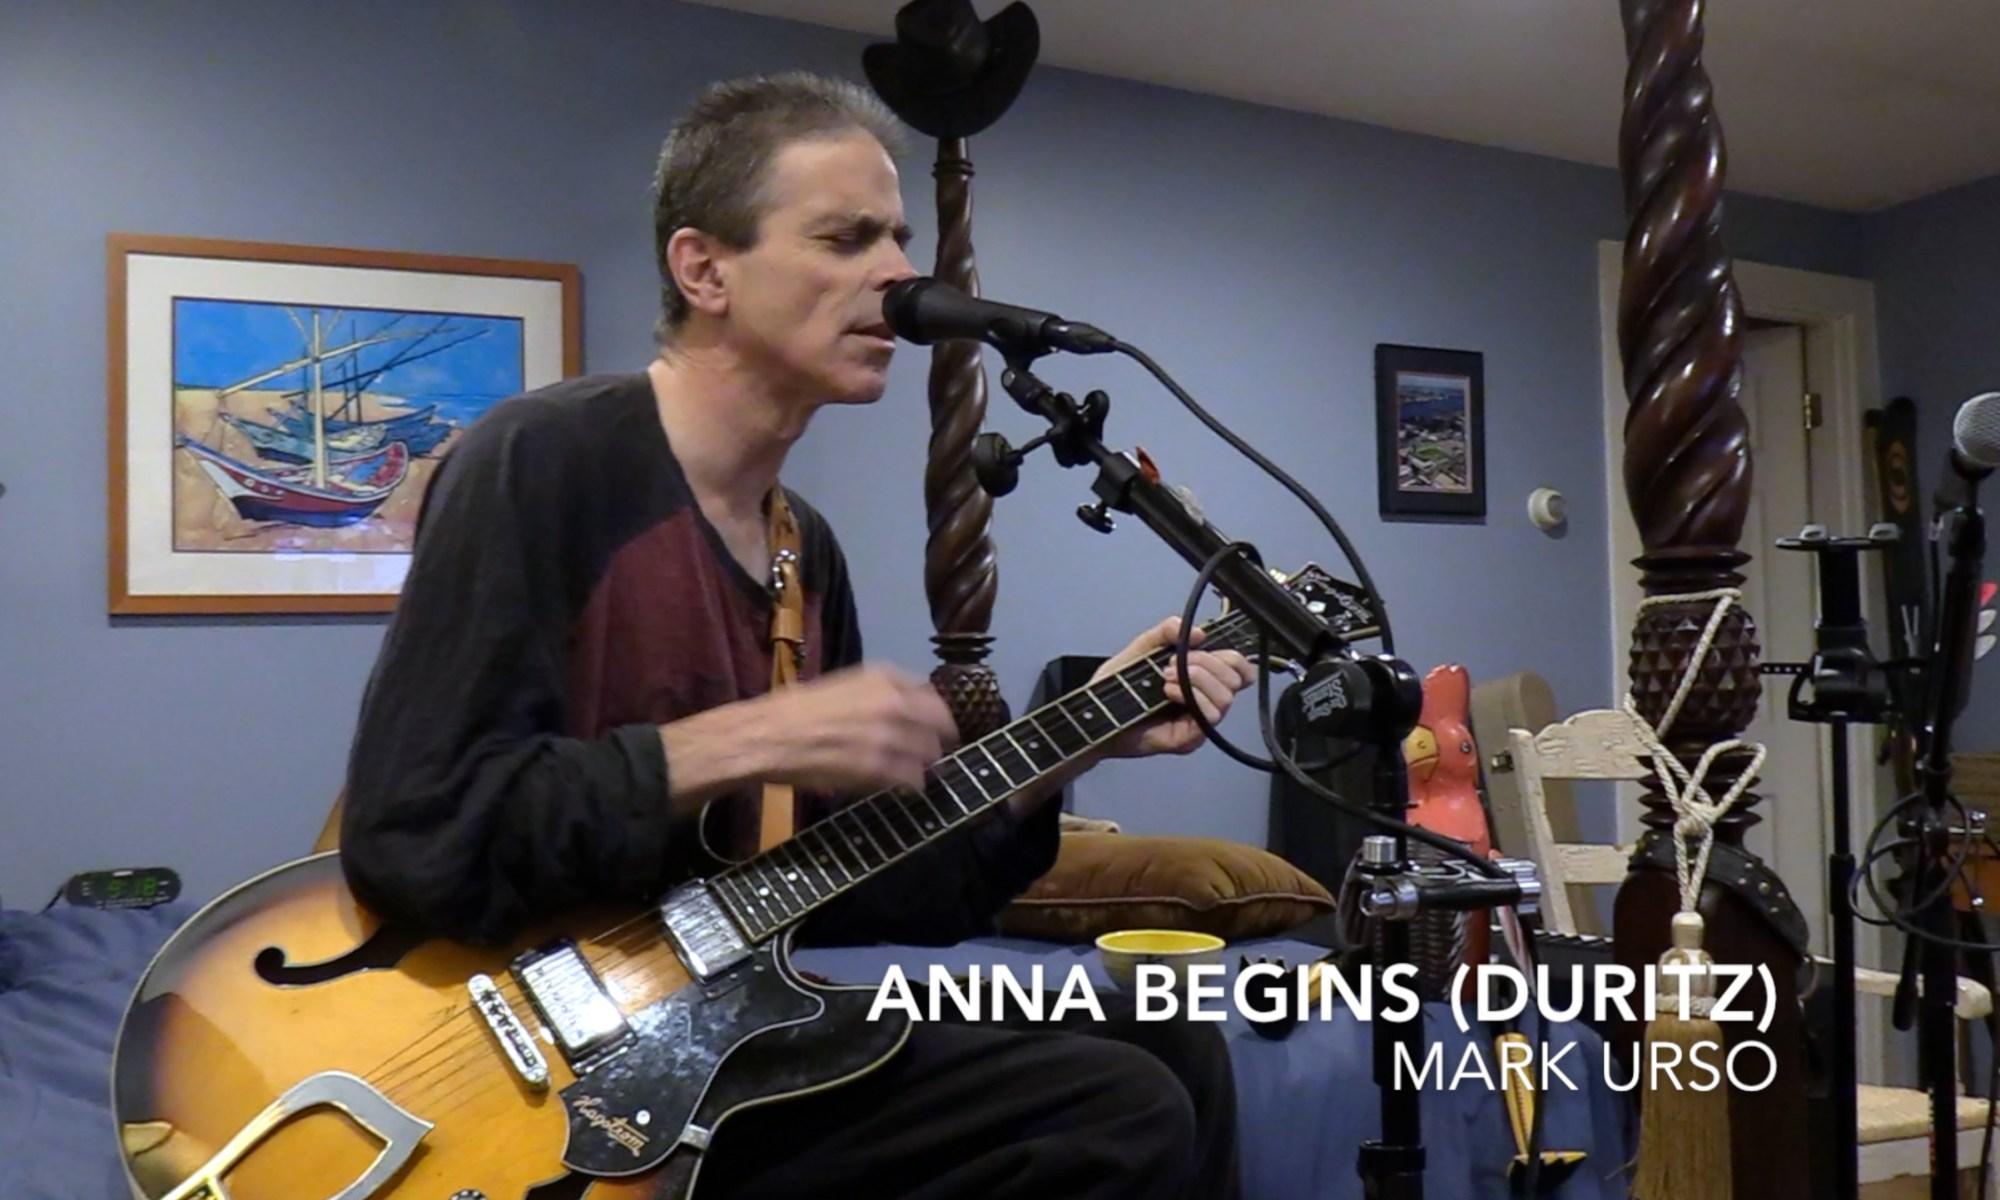 mark urso - anna begins